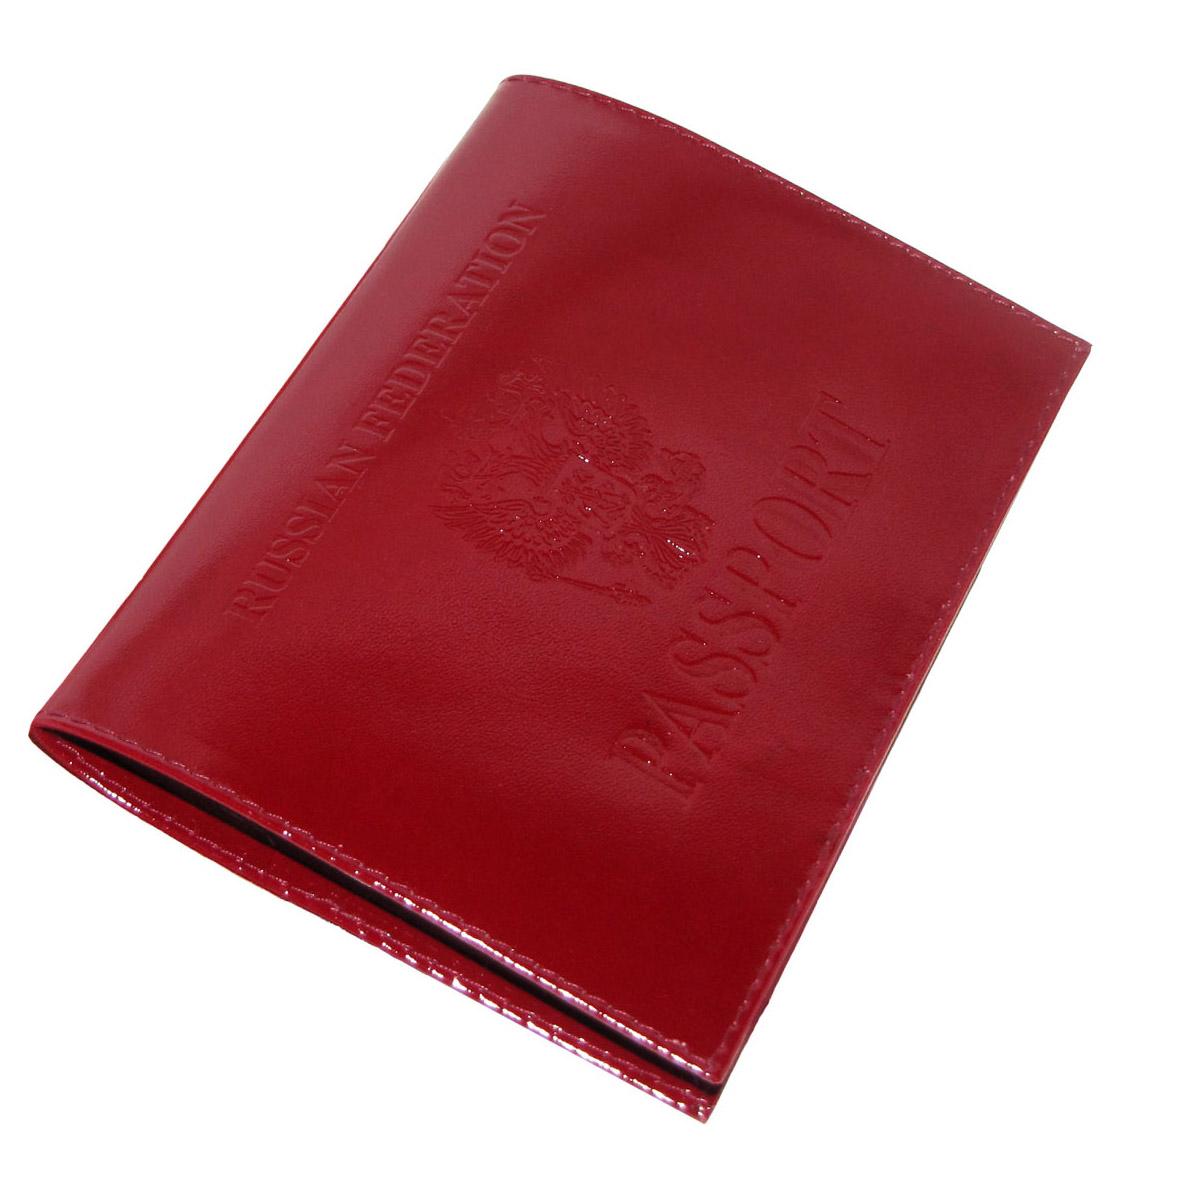 Красная обложка PASSPORT с гербов РФ